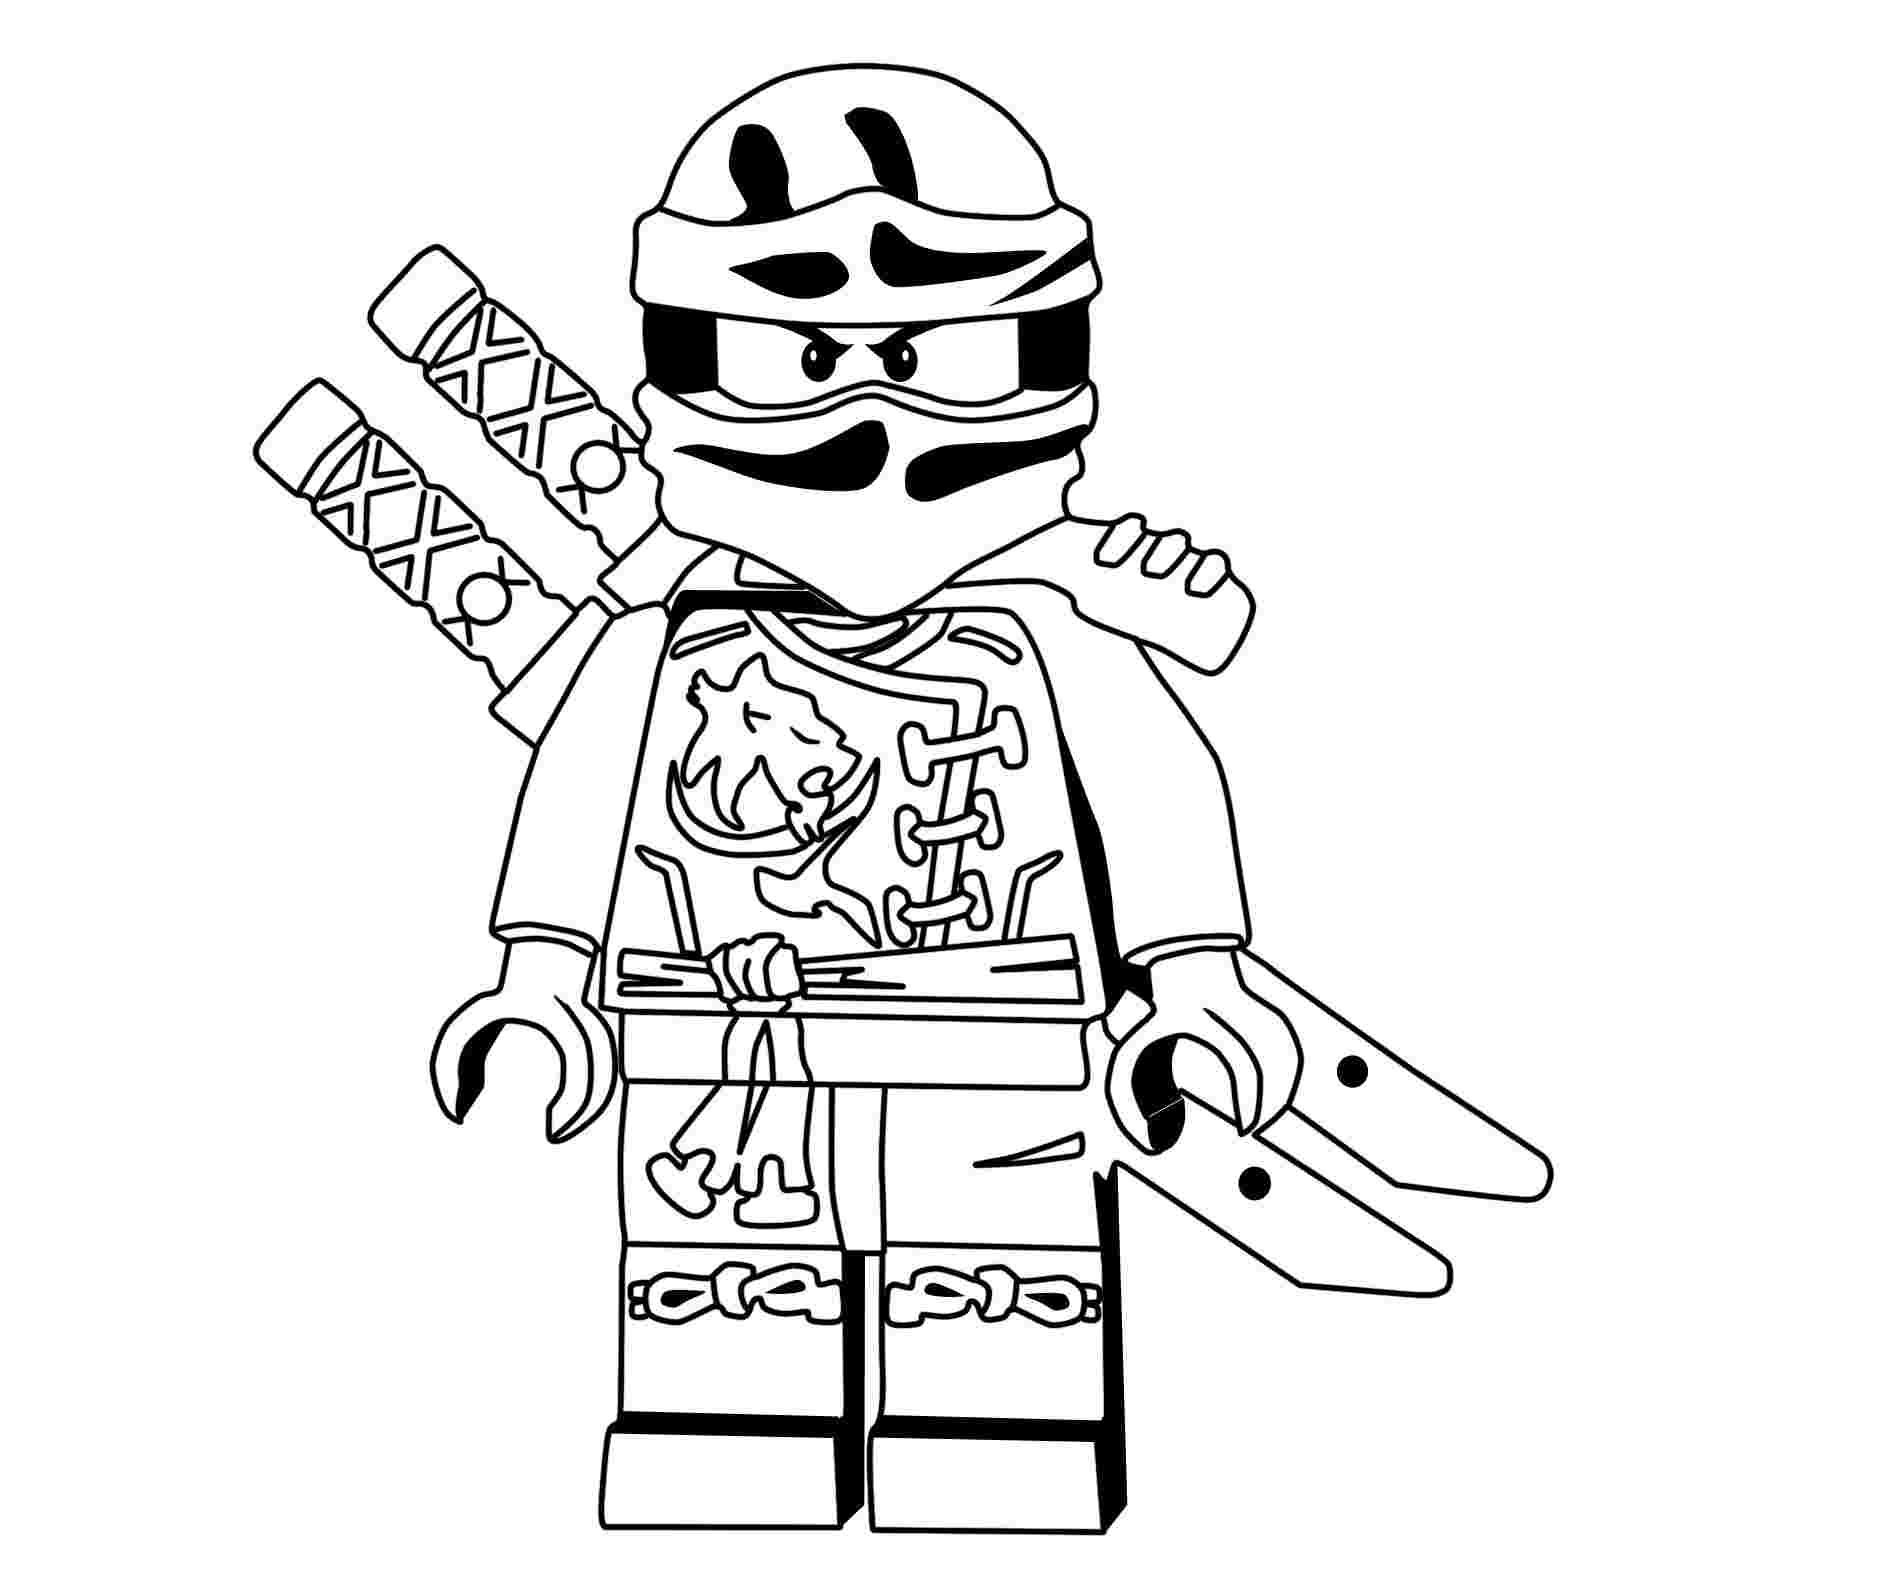 Tranh tô màu hai kiếm đeo sau lưng của ninjago